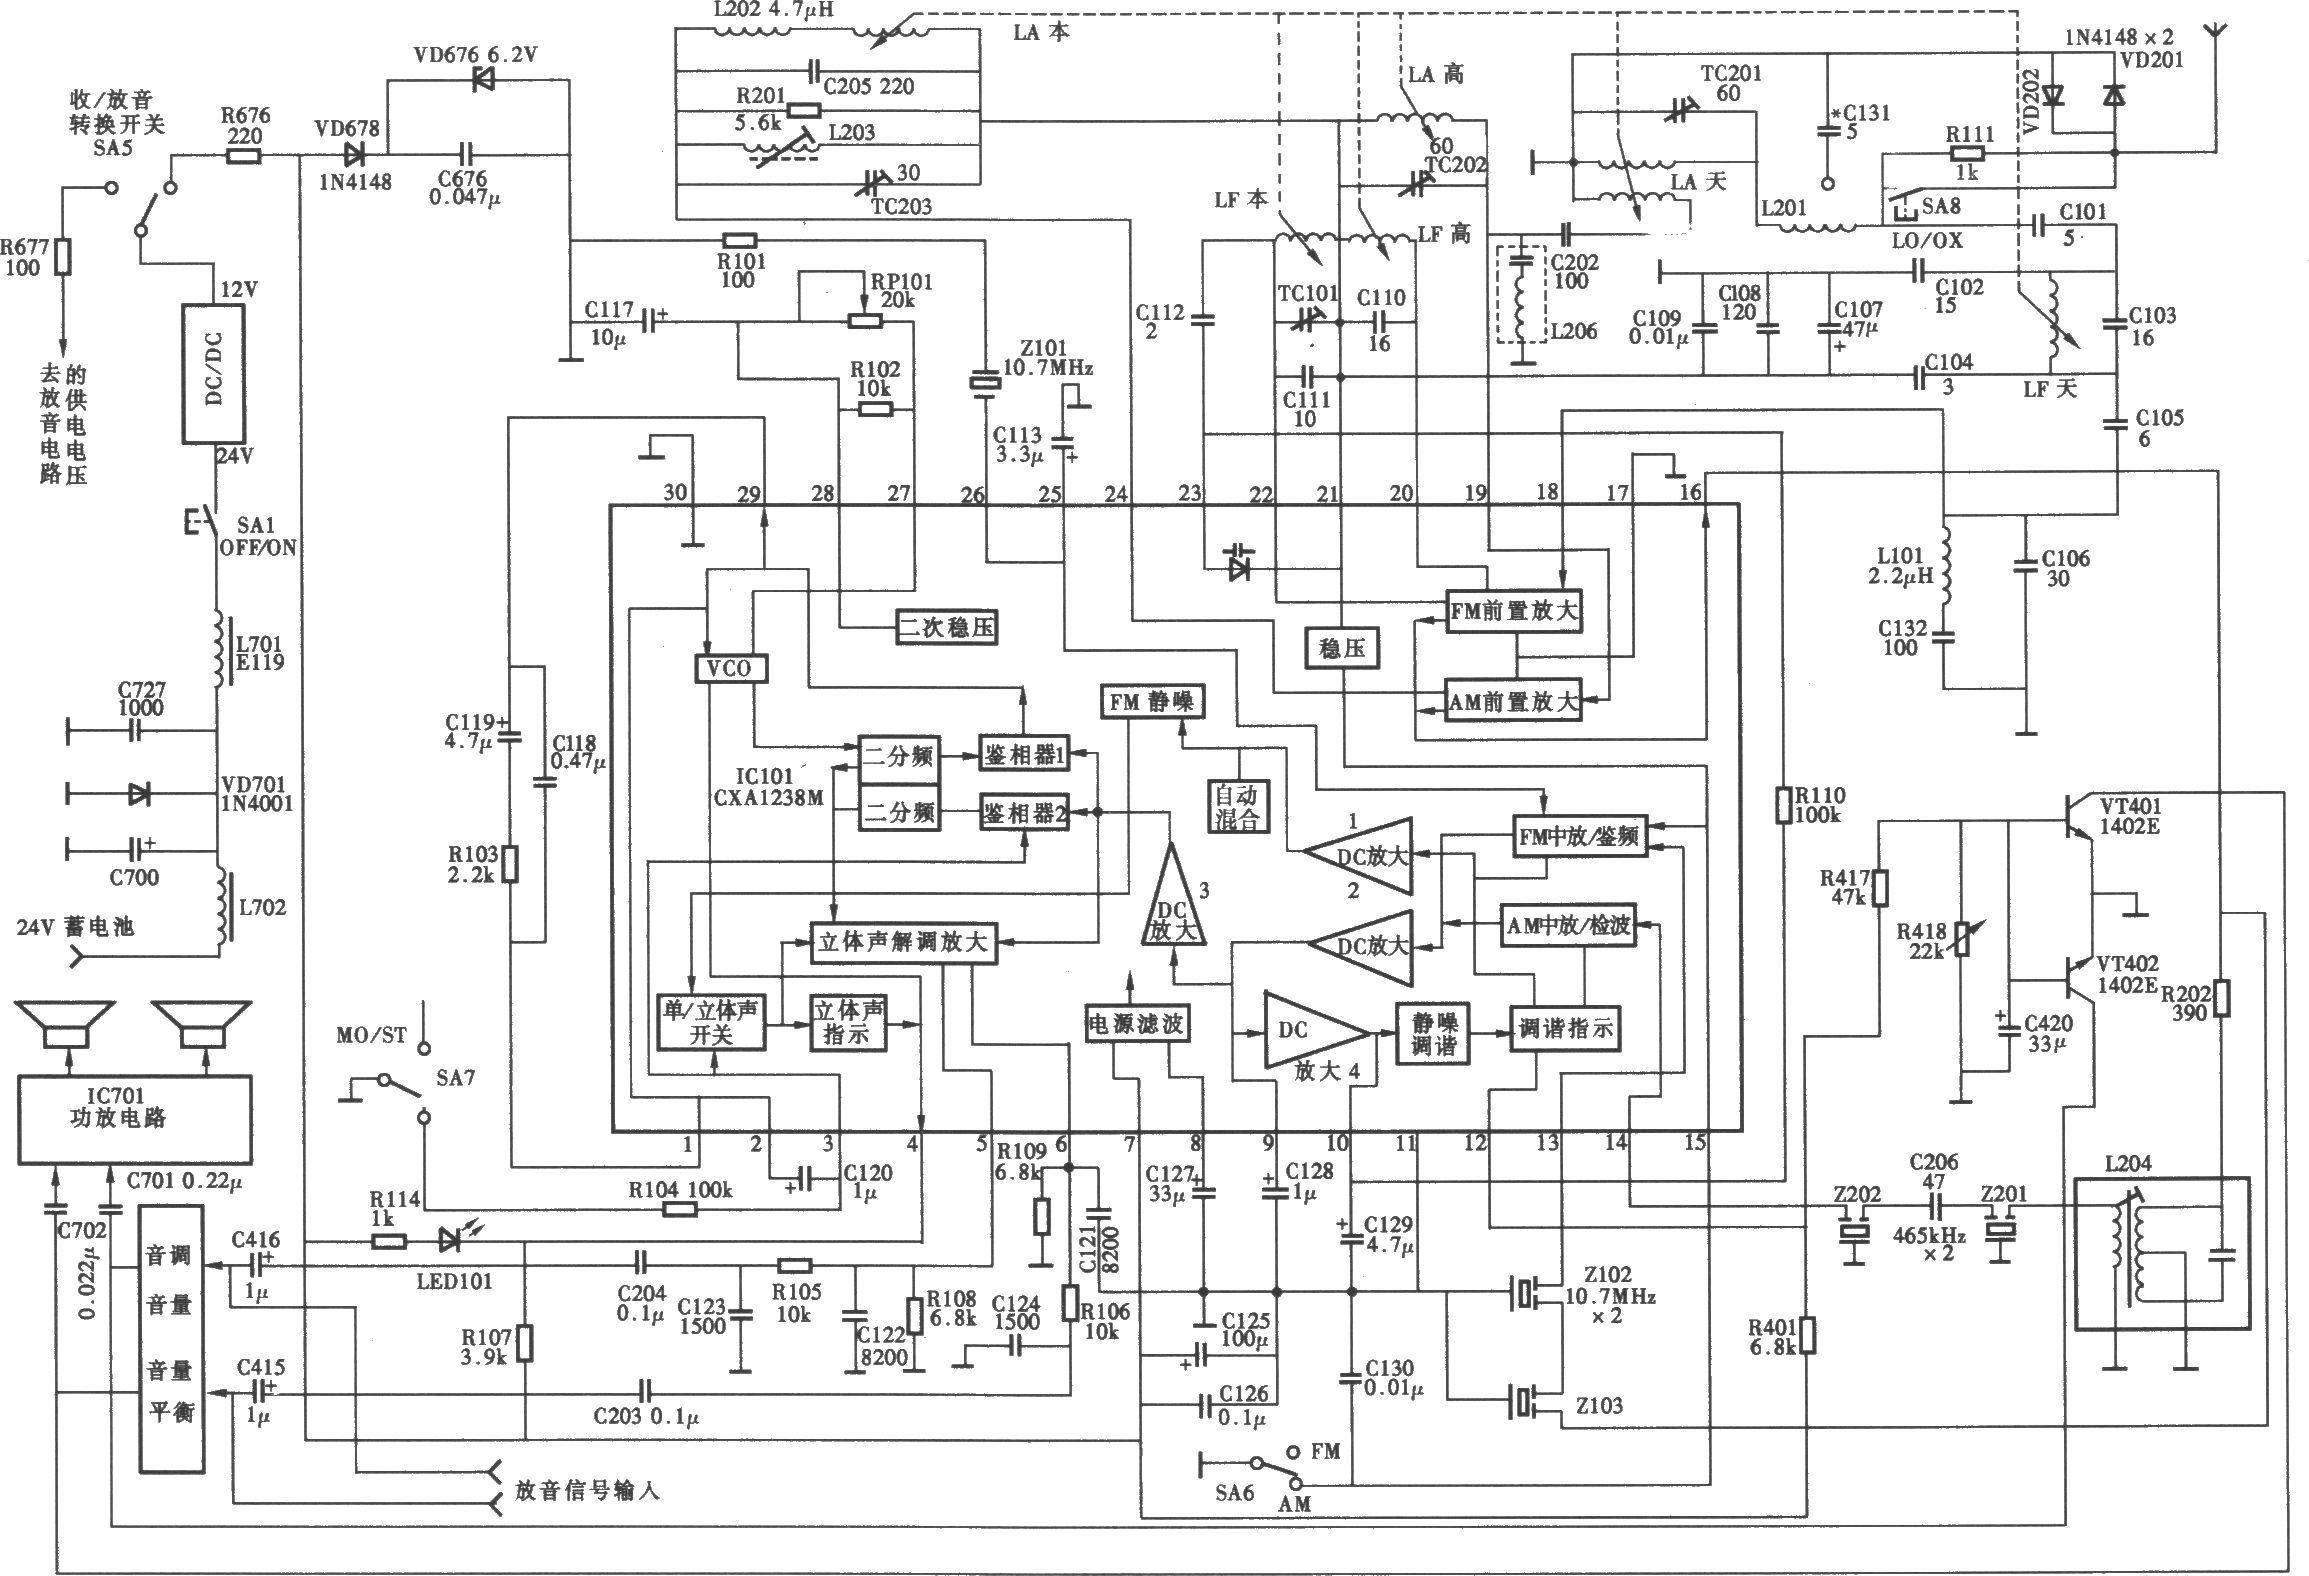 天宝tb-7207型汽车音响收音电路